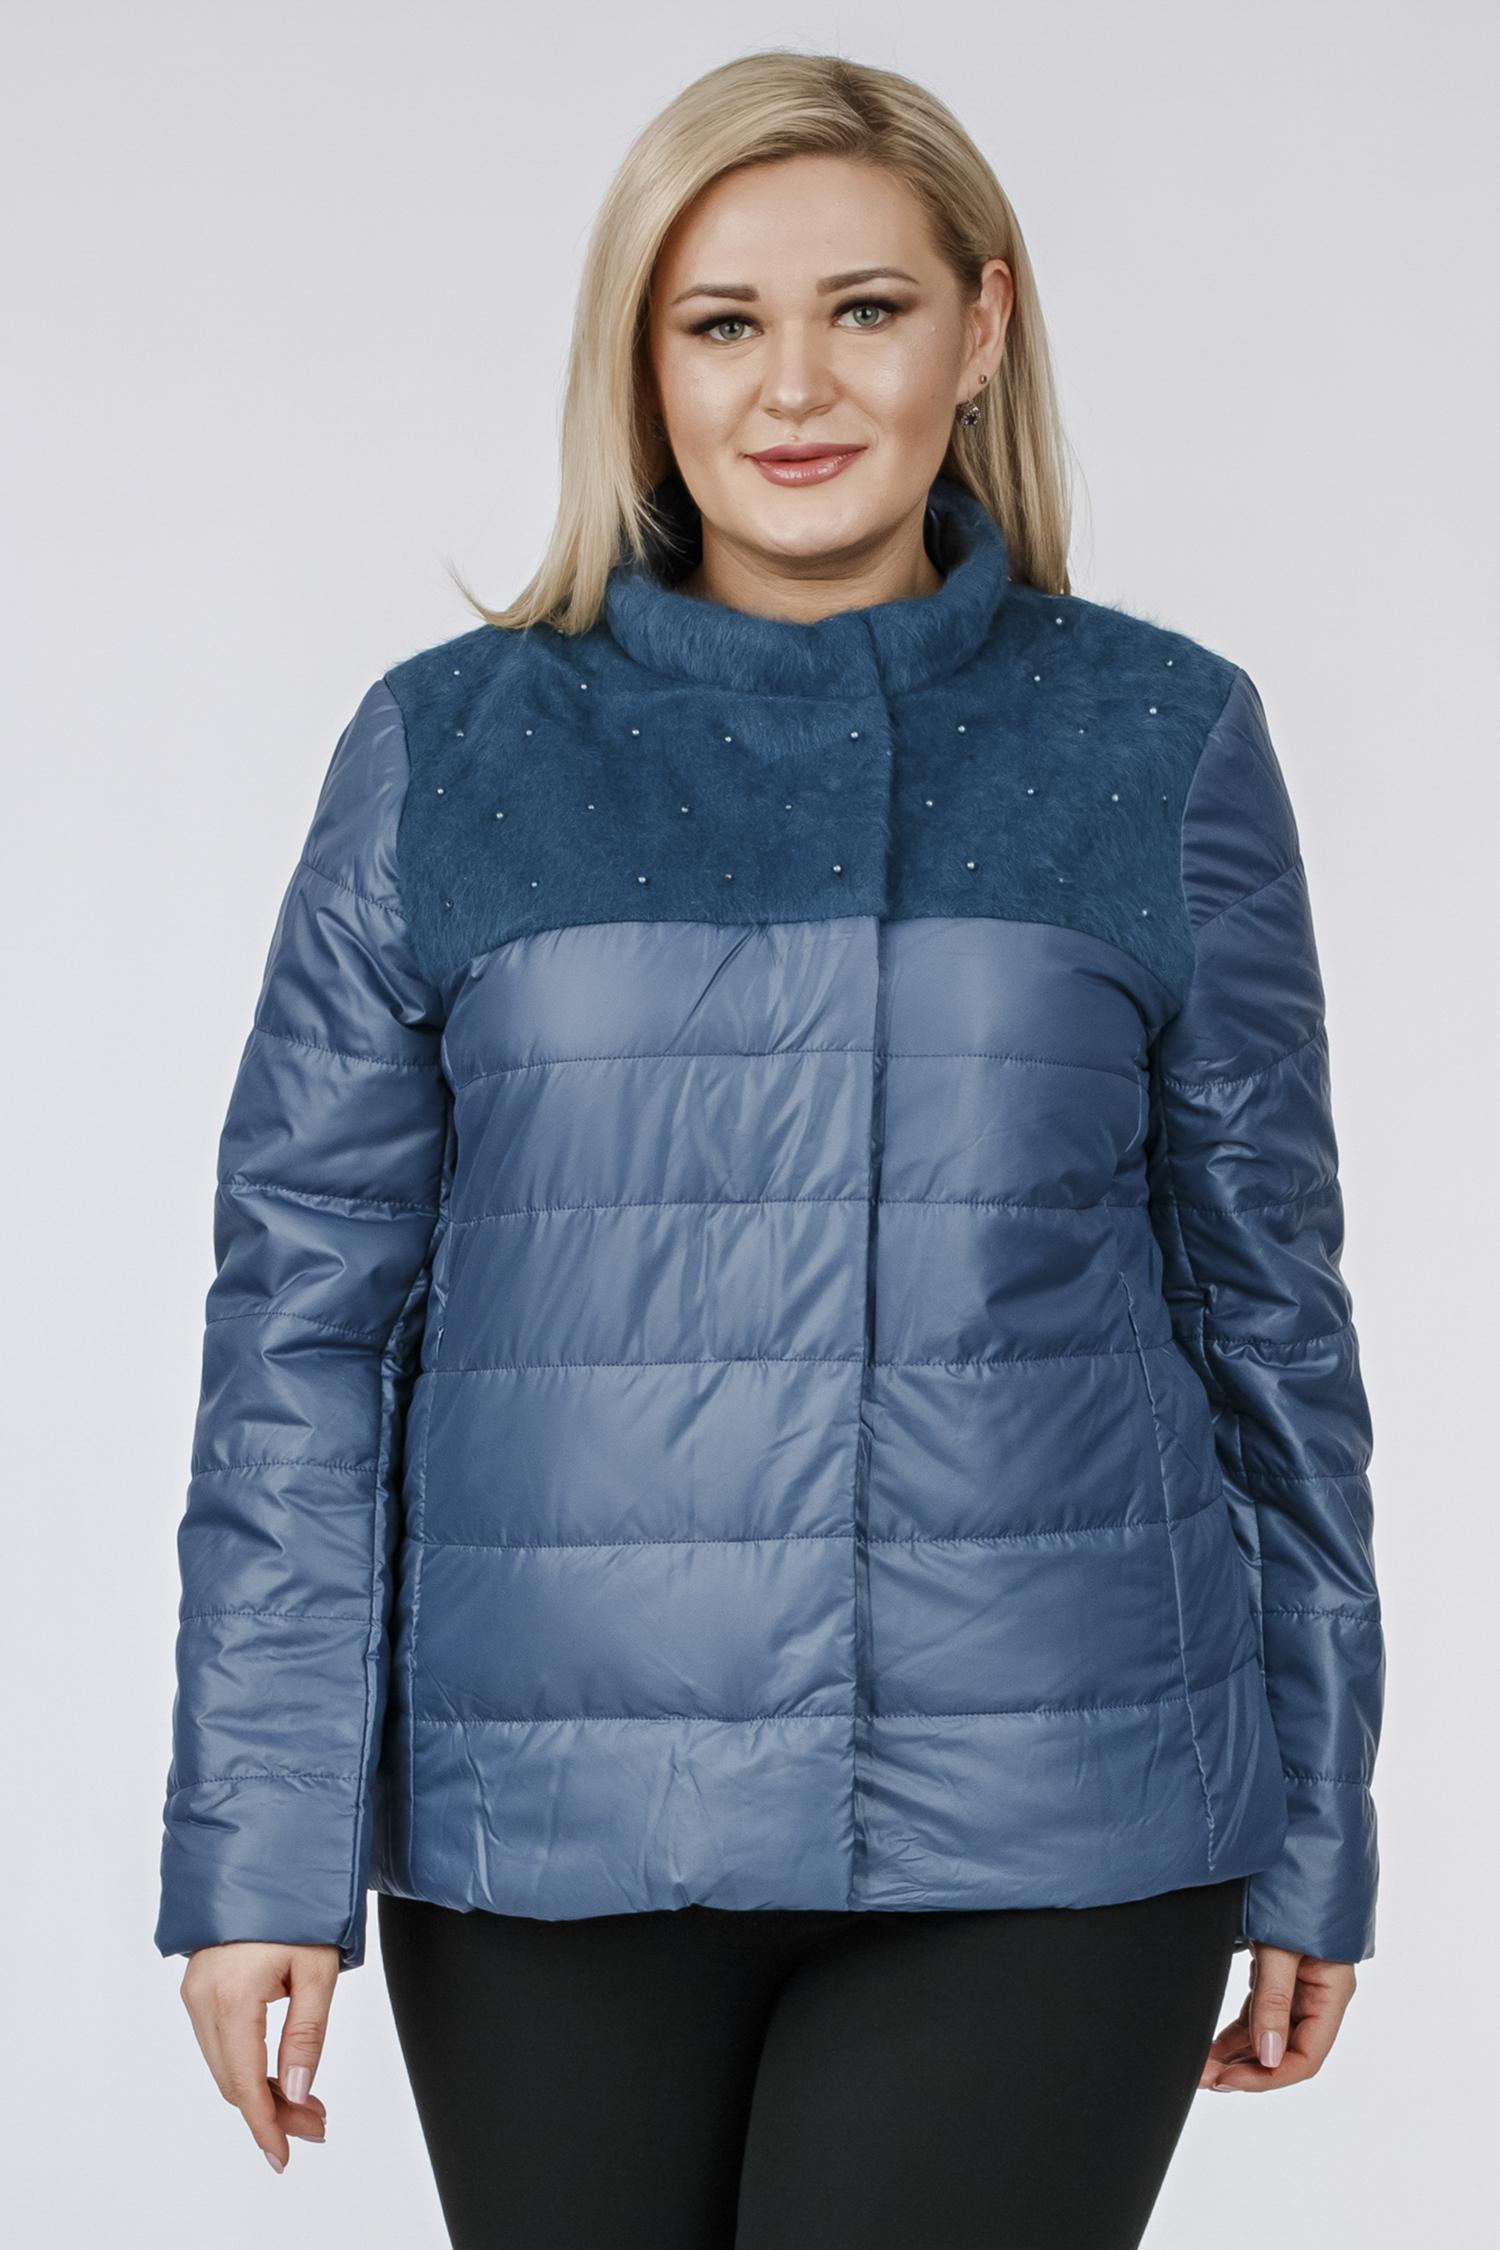 Купить Куртка женская из текстиля с воротником, без отделки, МОСМЕХА, серо-голубой, Текстиль, 1001196